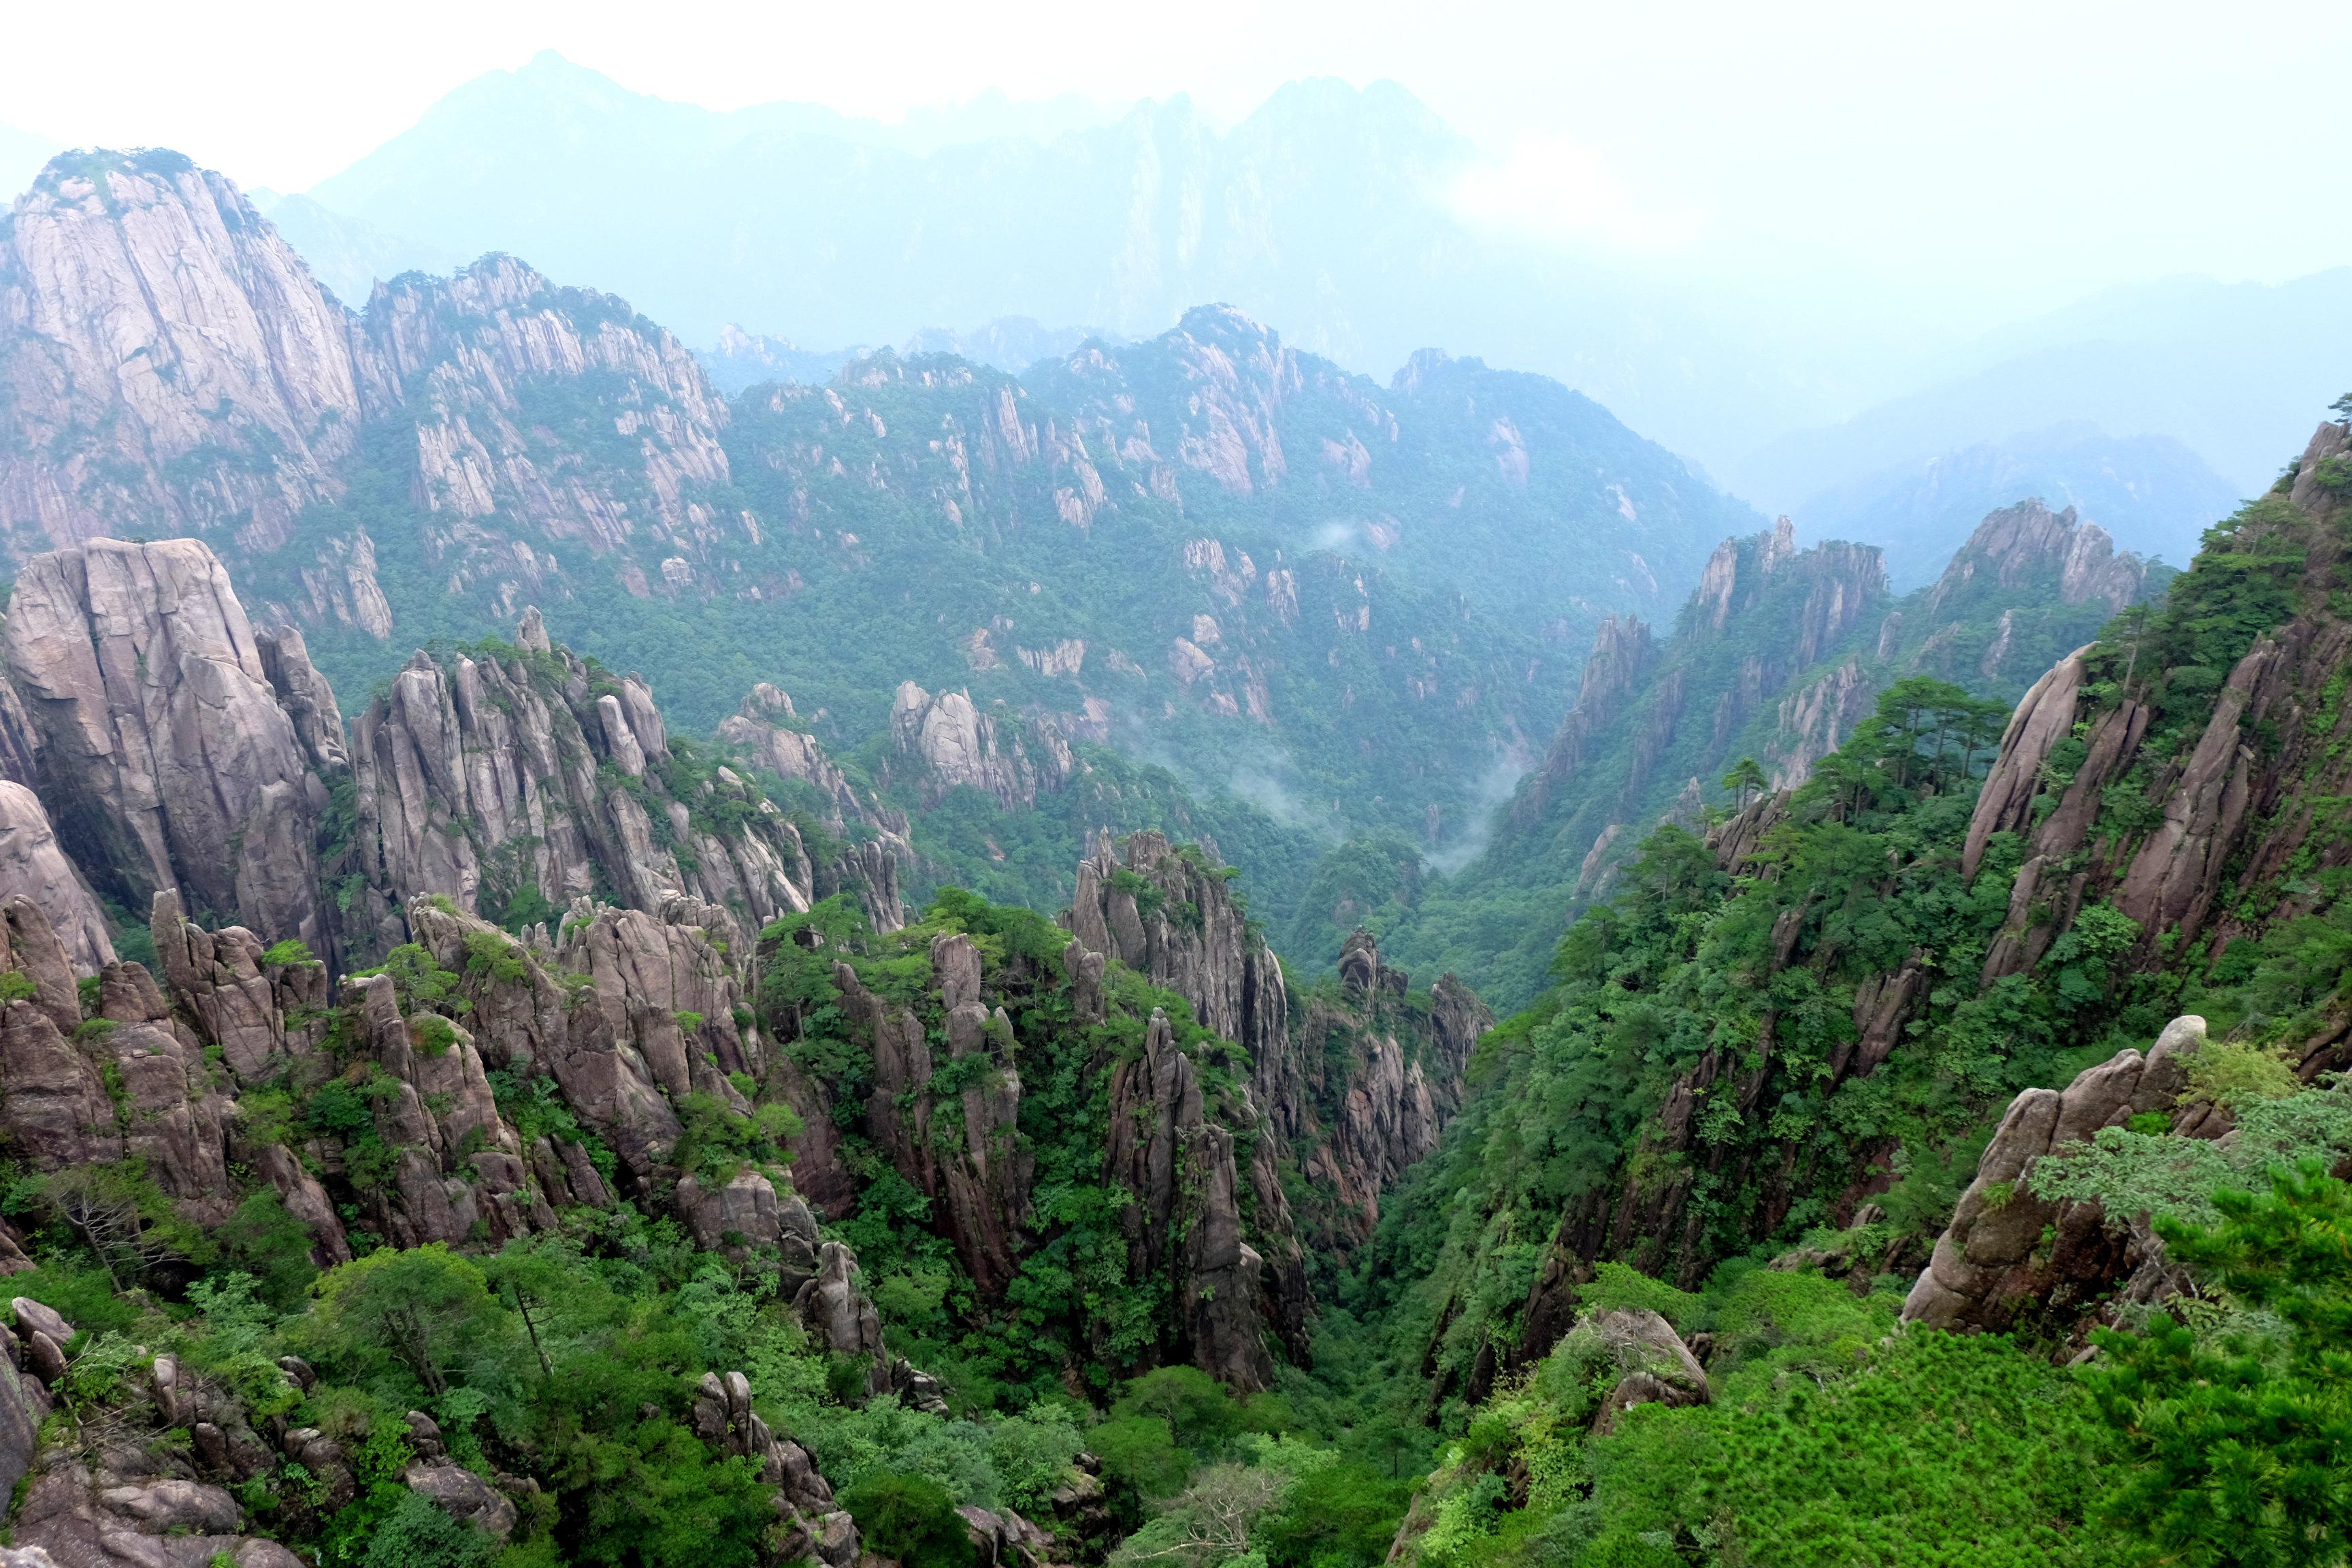 黄山旅游大概多少钱_【携程攻略】黄山风景区黄山风景区适合朋友出游旅游